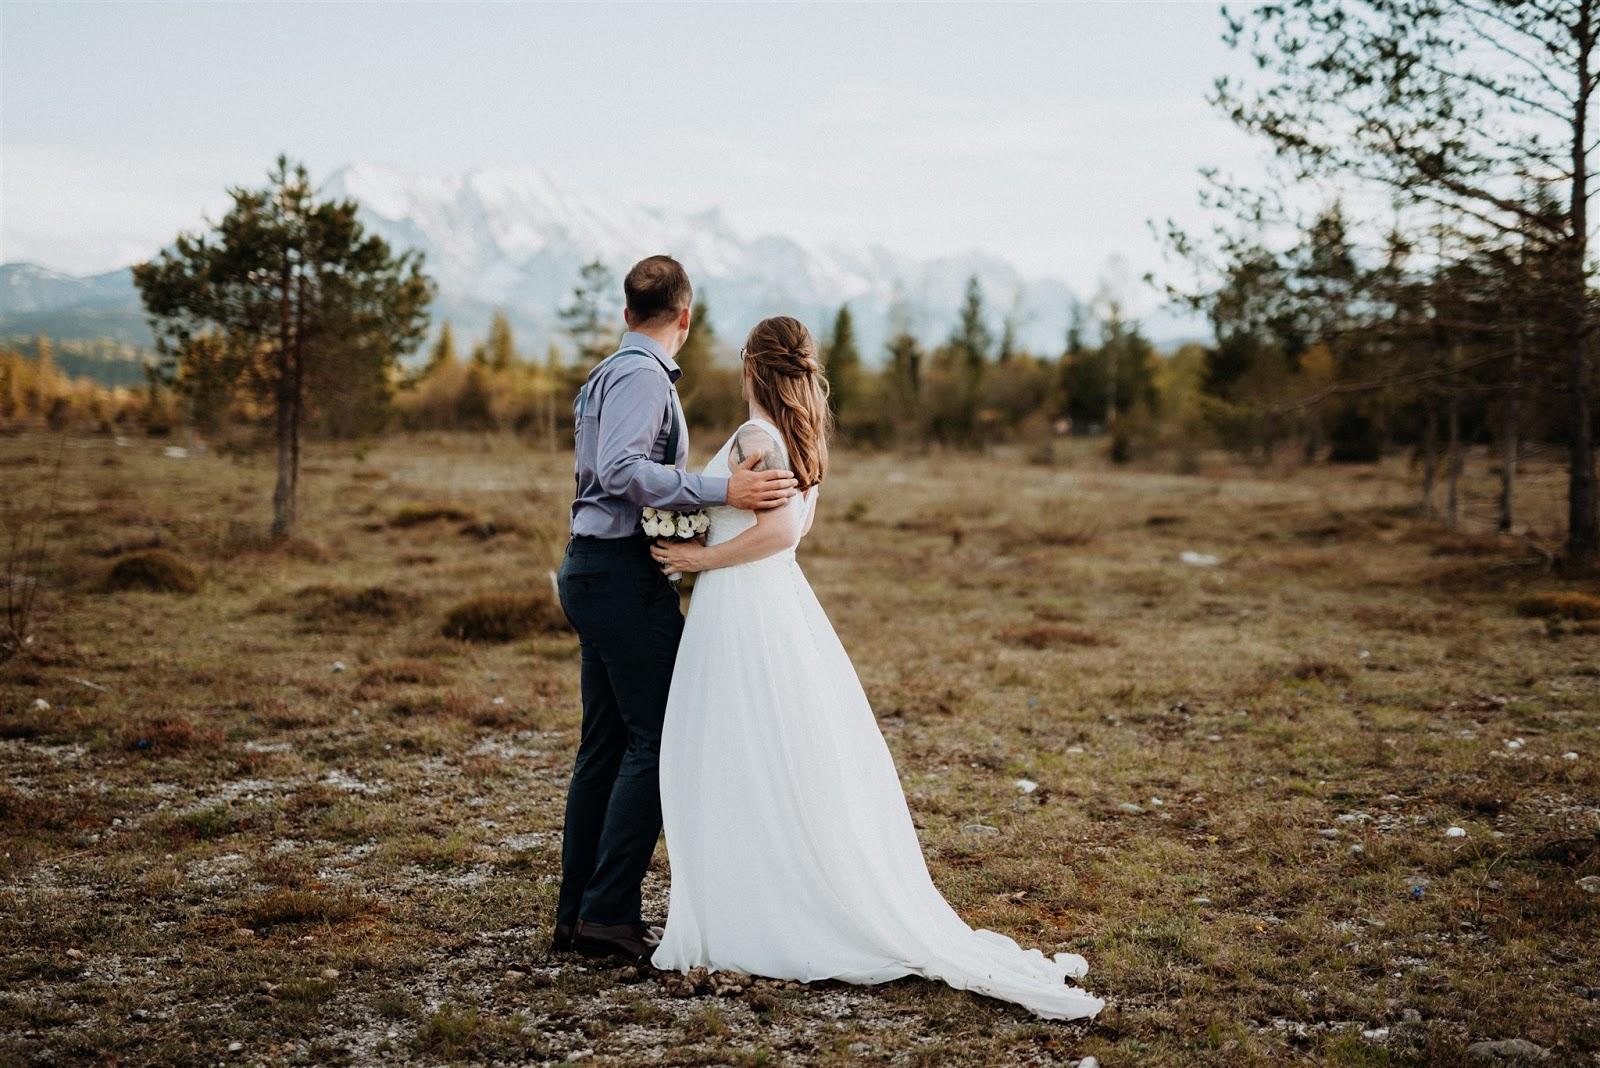 bride and groom, Mountain wedding, Berghochzeit, destination wedding Bavaria, Wallgau, photo credit Magnus Winterholler Gipfelliebe, wedding planner Uschi Glas 4 weddings & events